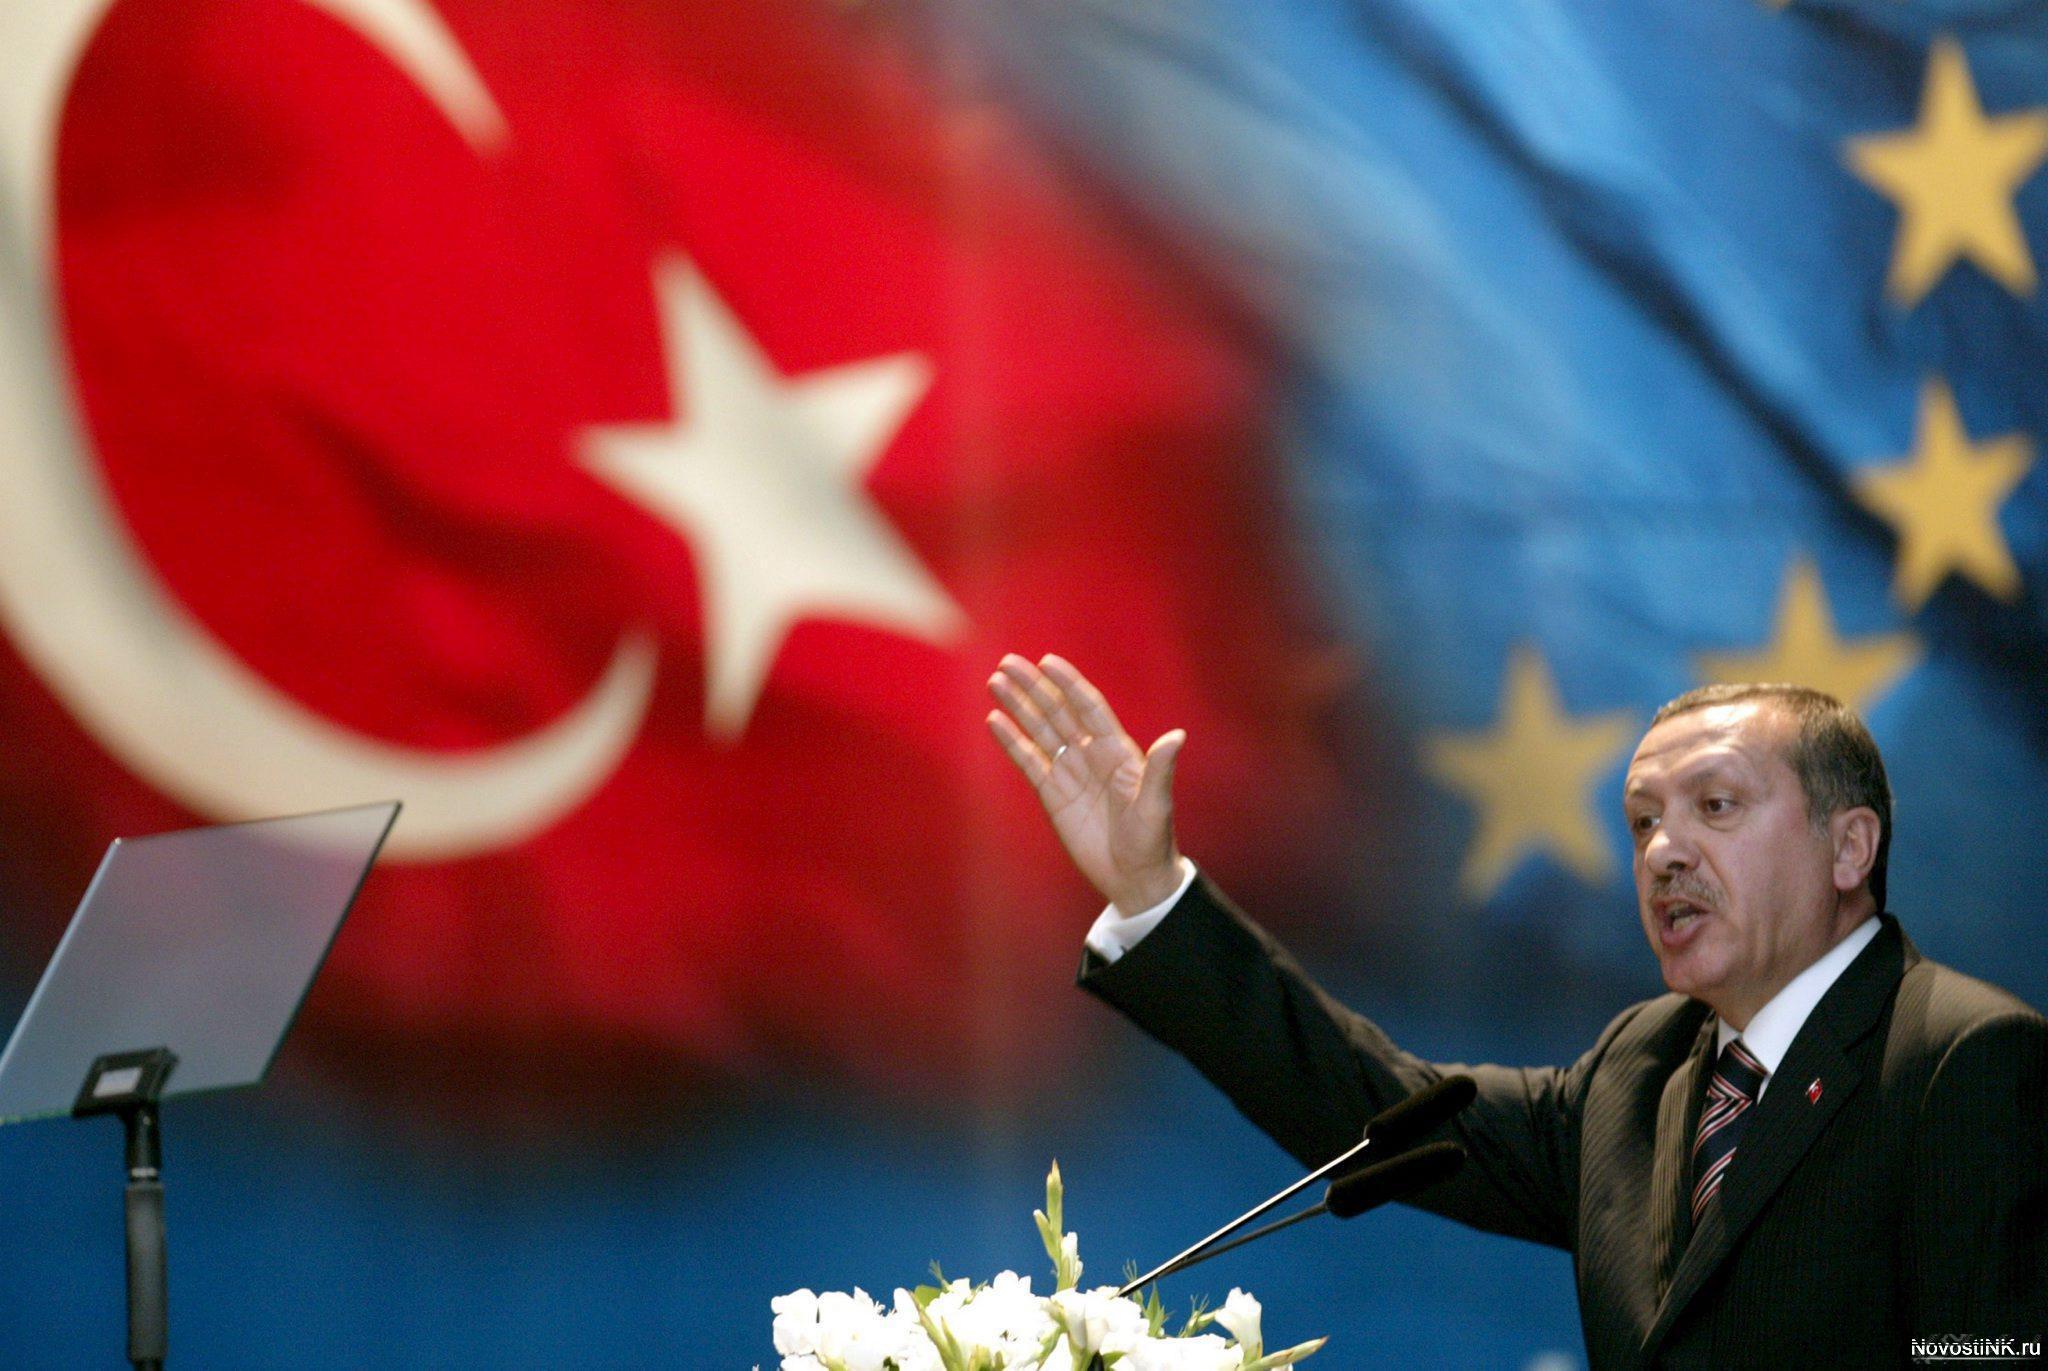 Президент Турции назвал переговоры по Сирии «бессмысленными» из-за российских авиаударов